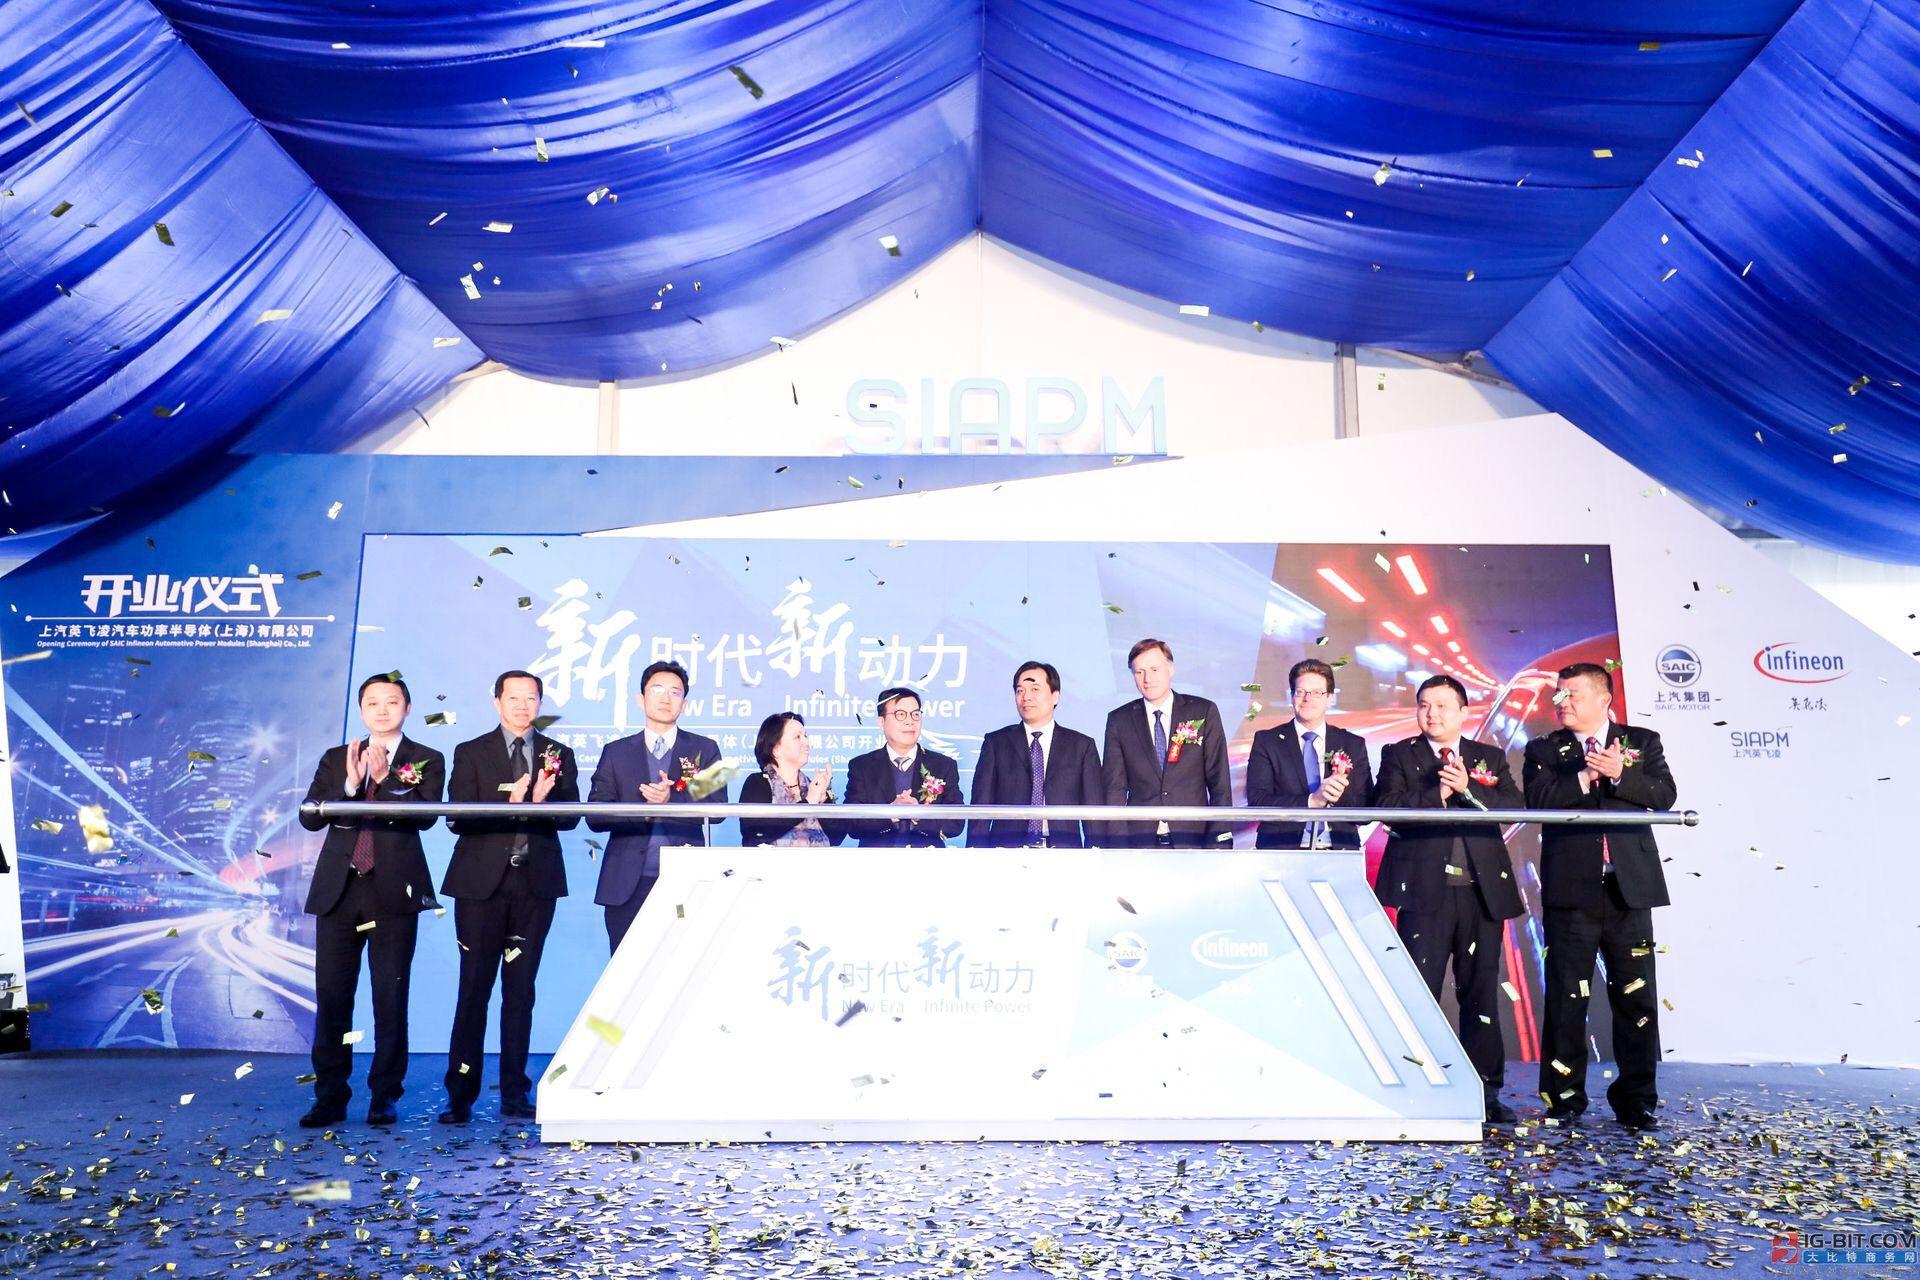 英飞凌科技携手上汽集团在华成立功率半导体合资企业 助力全球最大电动汽车市场发展